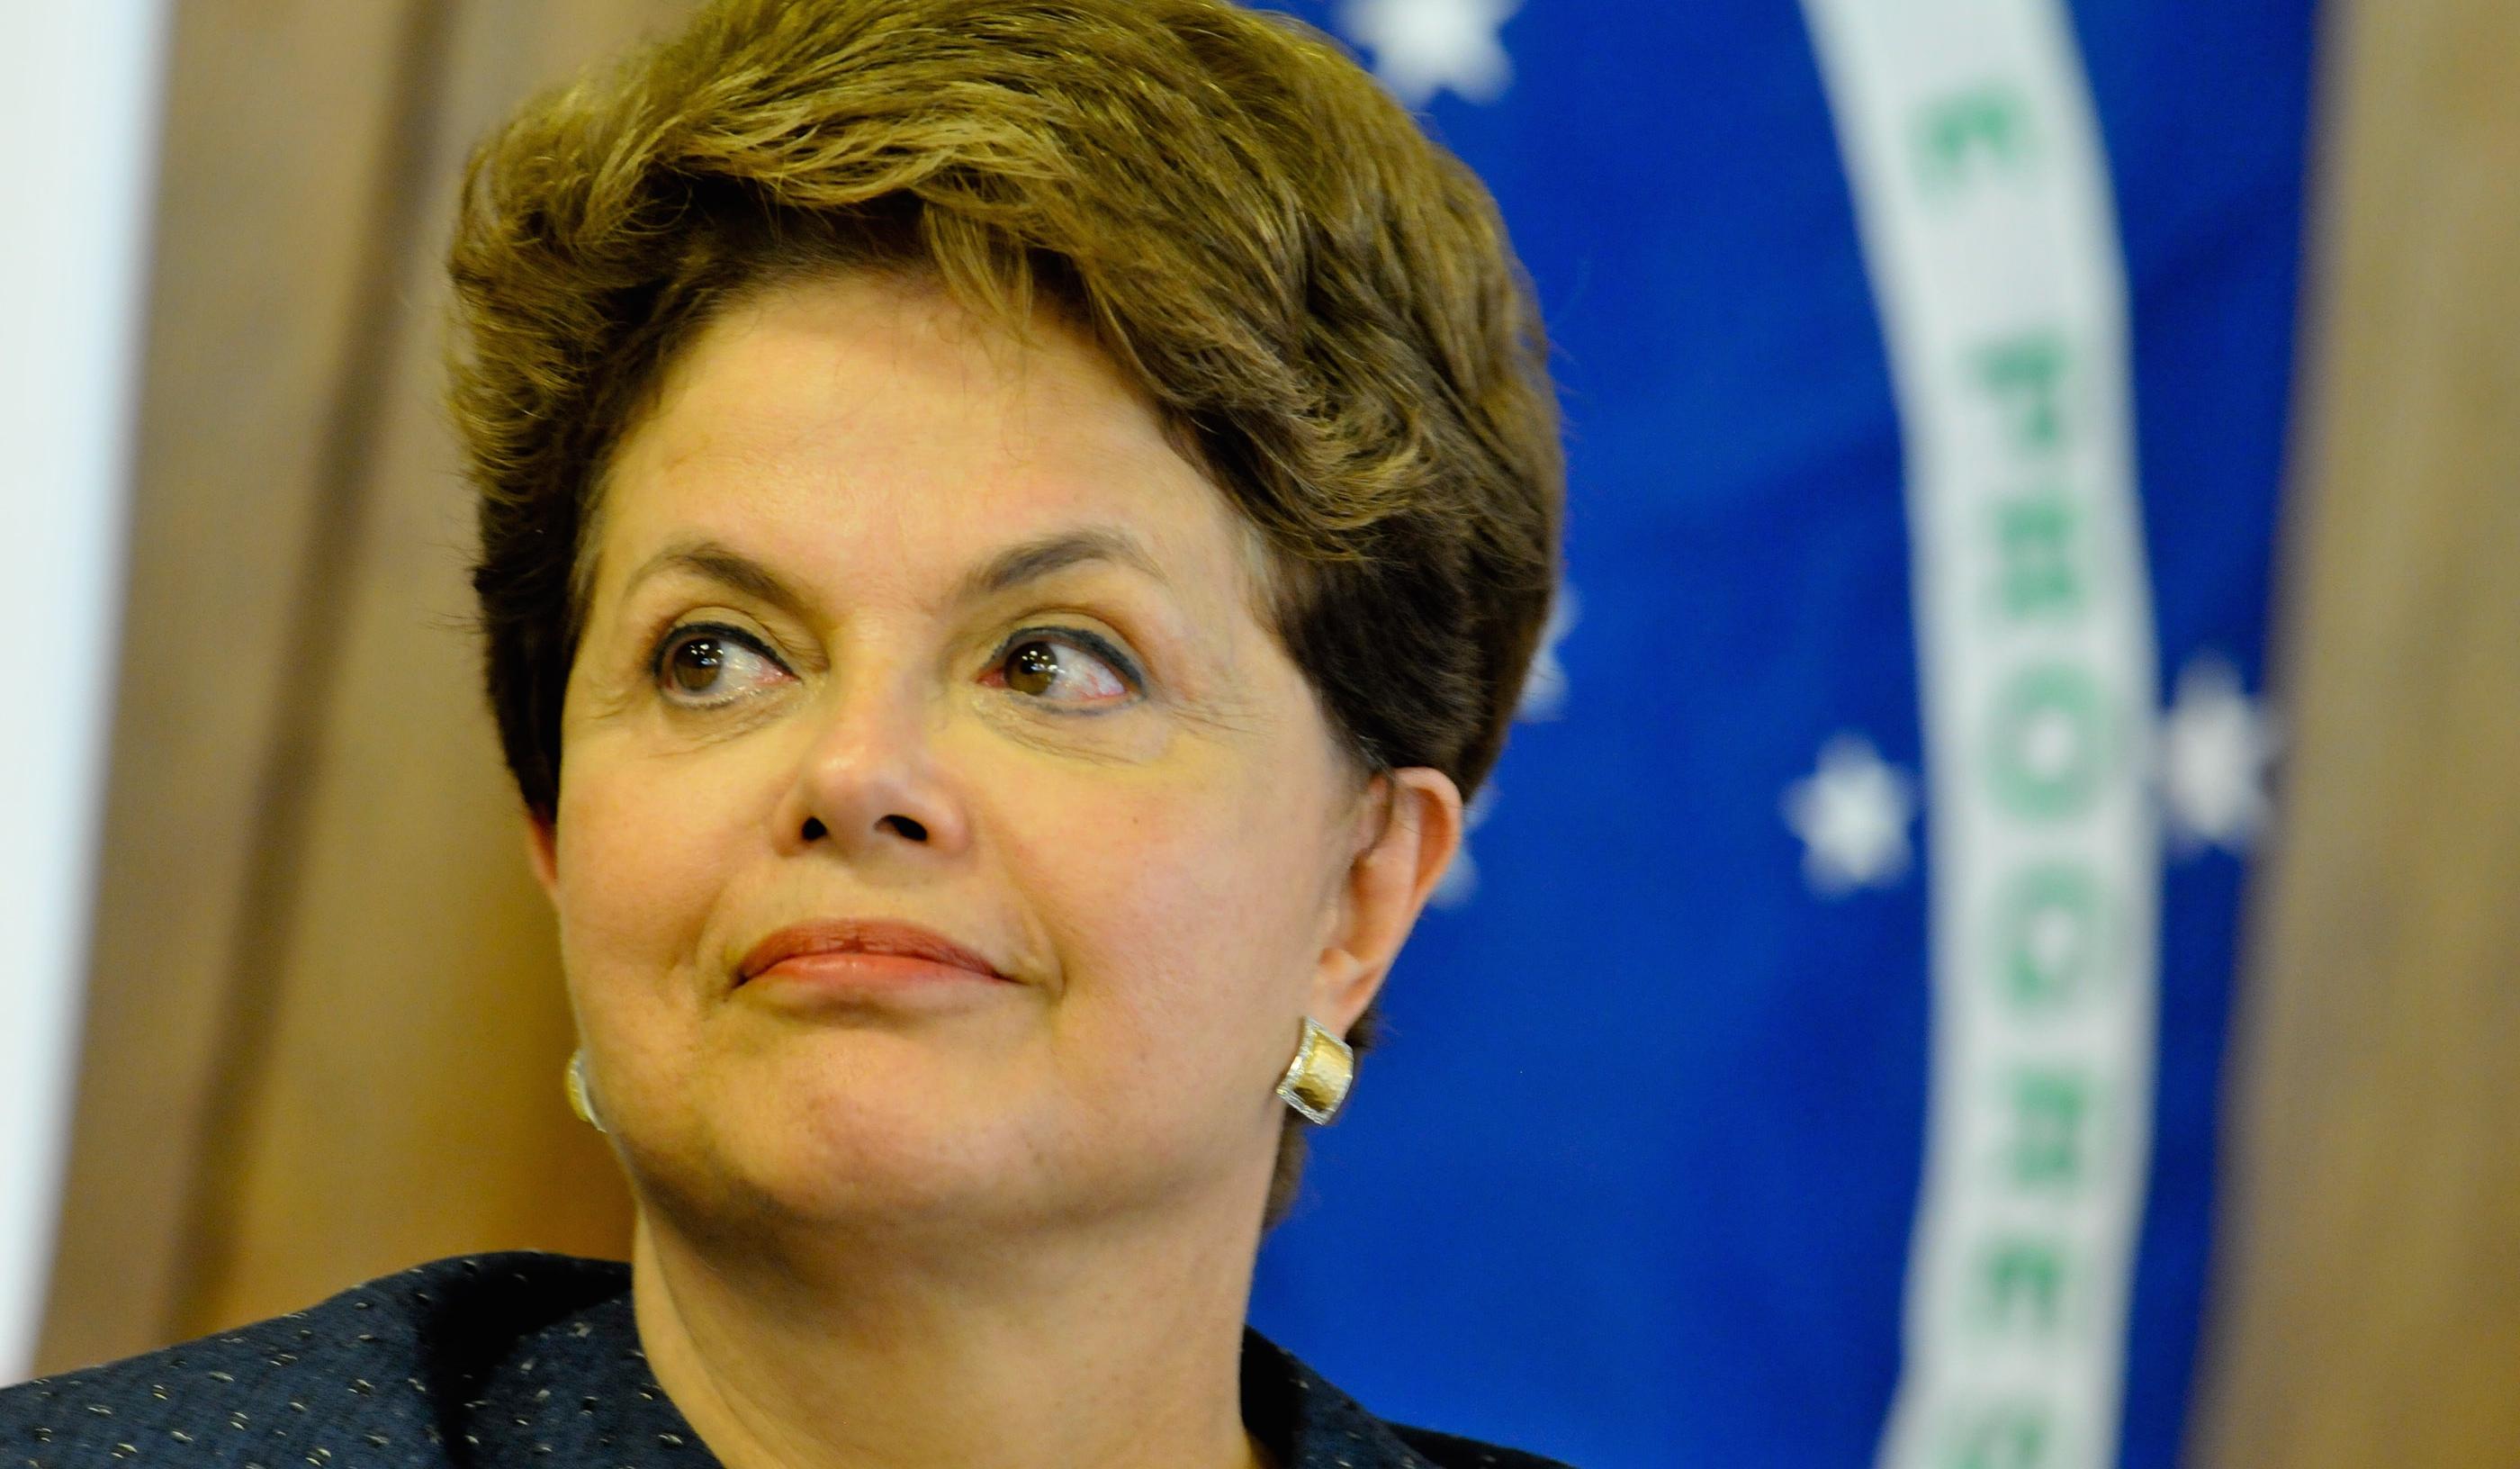 DILMA RECEBE PRIMEIRO-MINISTRO FRANCS NO PLANALTO